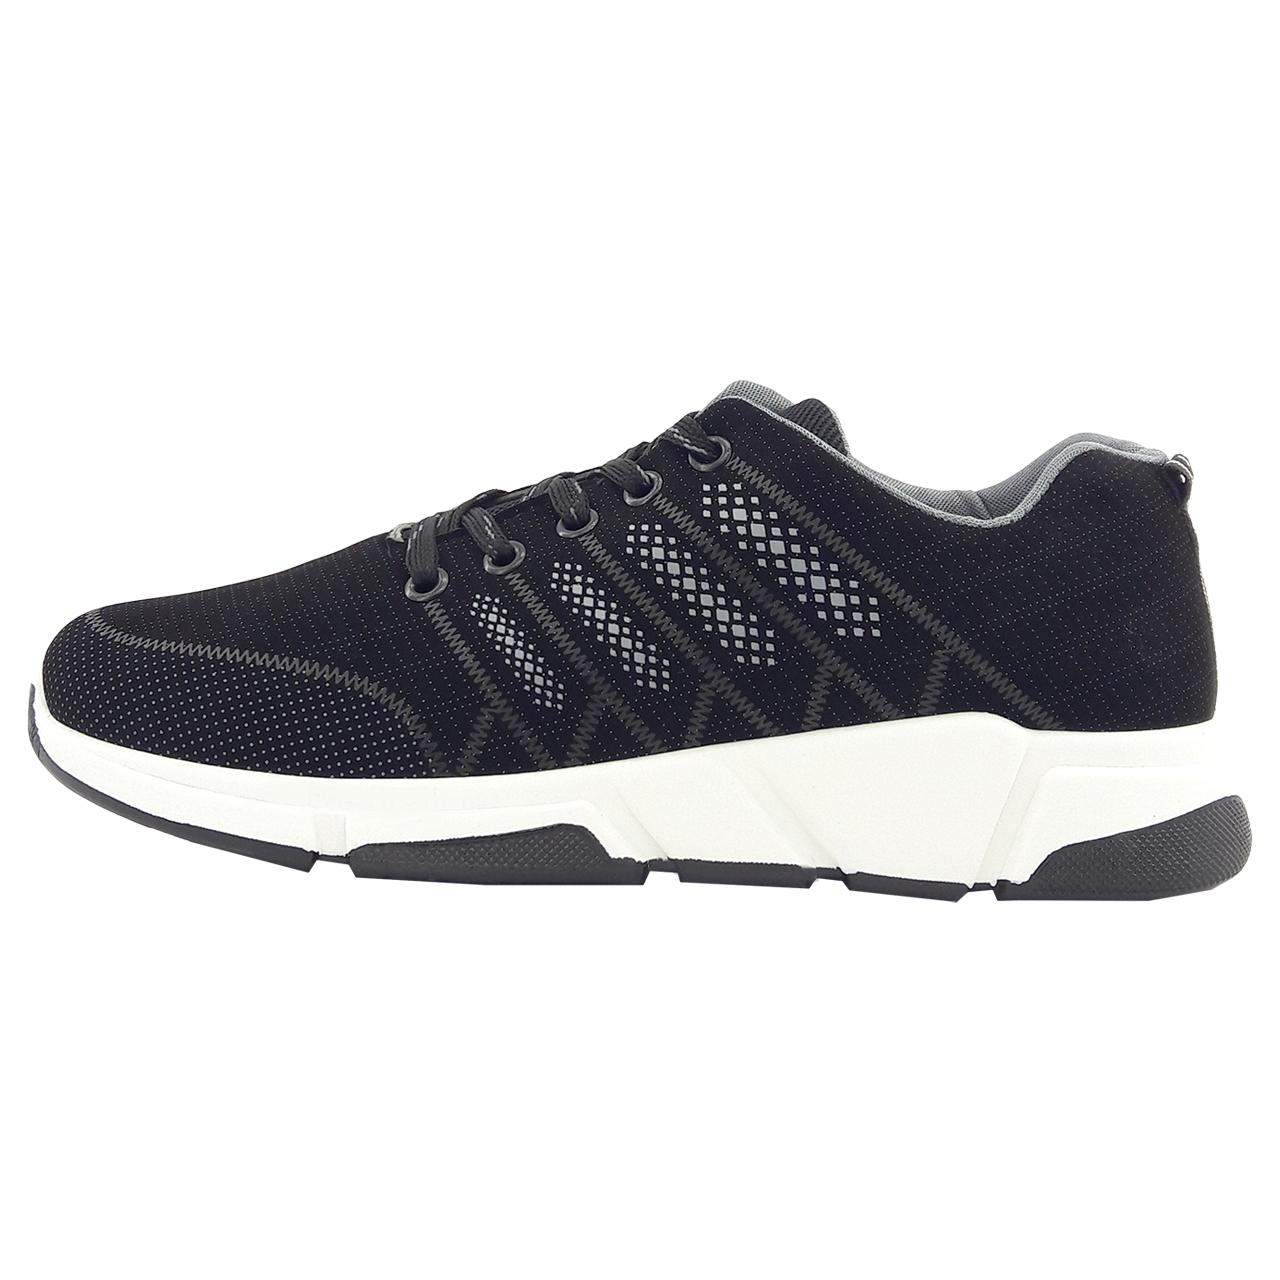 قیمت کفش راحتی مردانه بالوکی مدل Balvqi bl.slv01